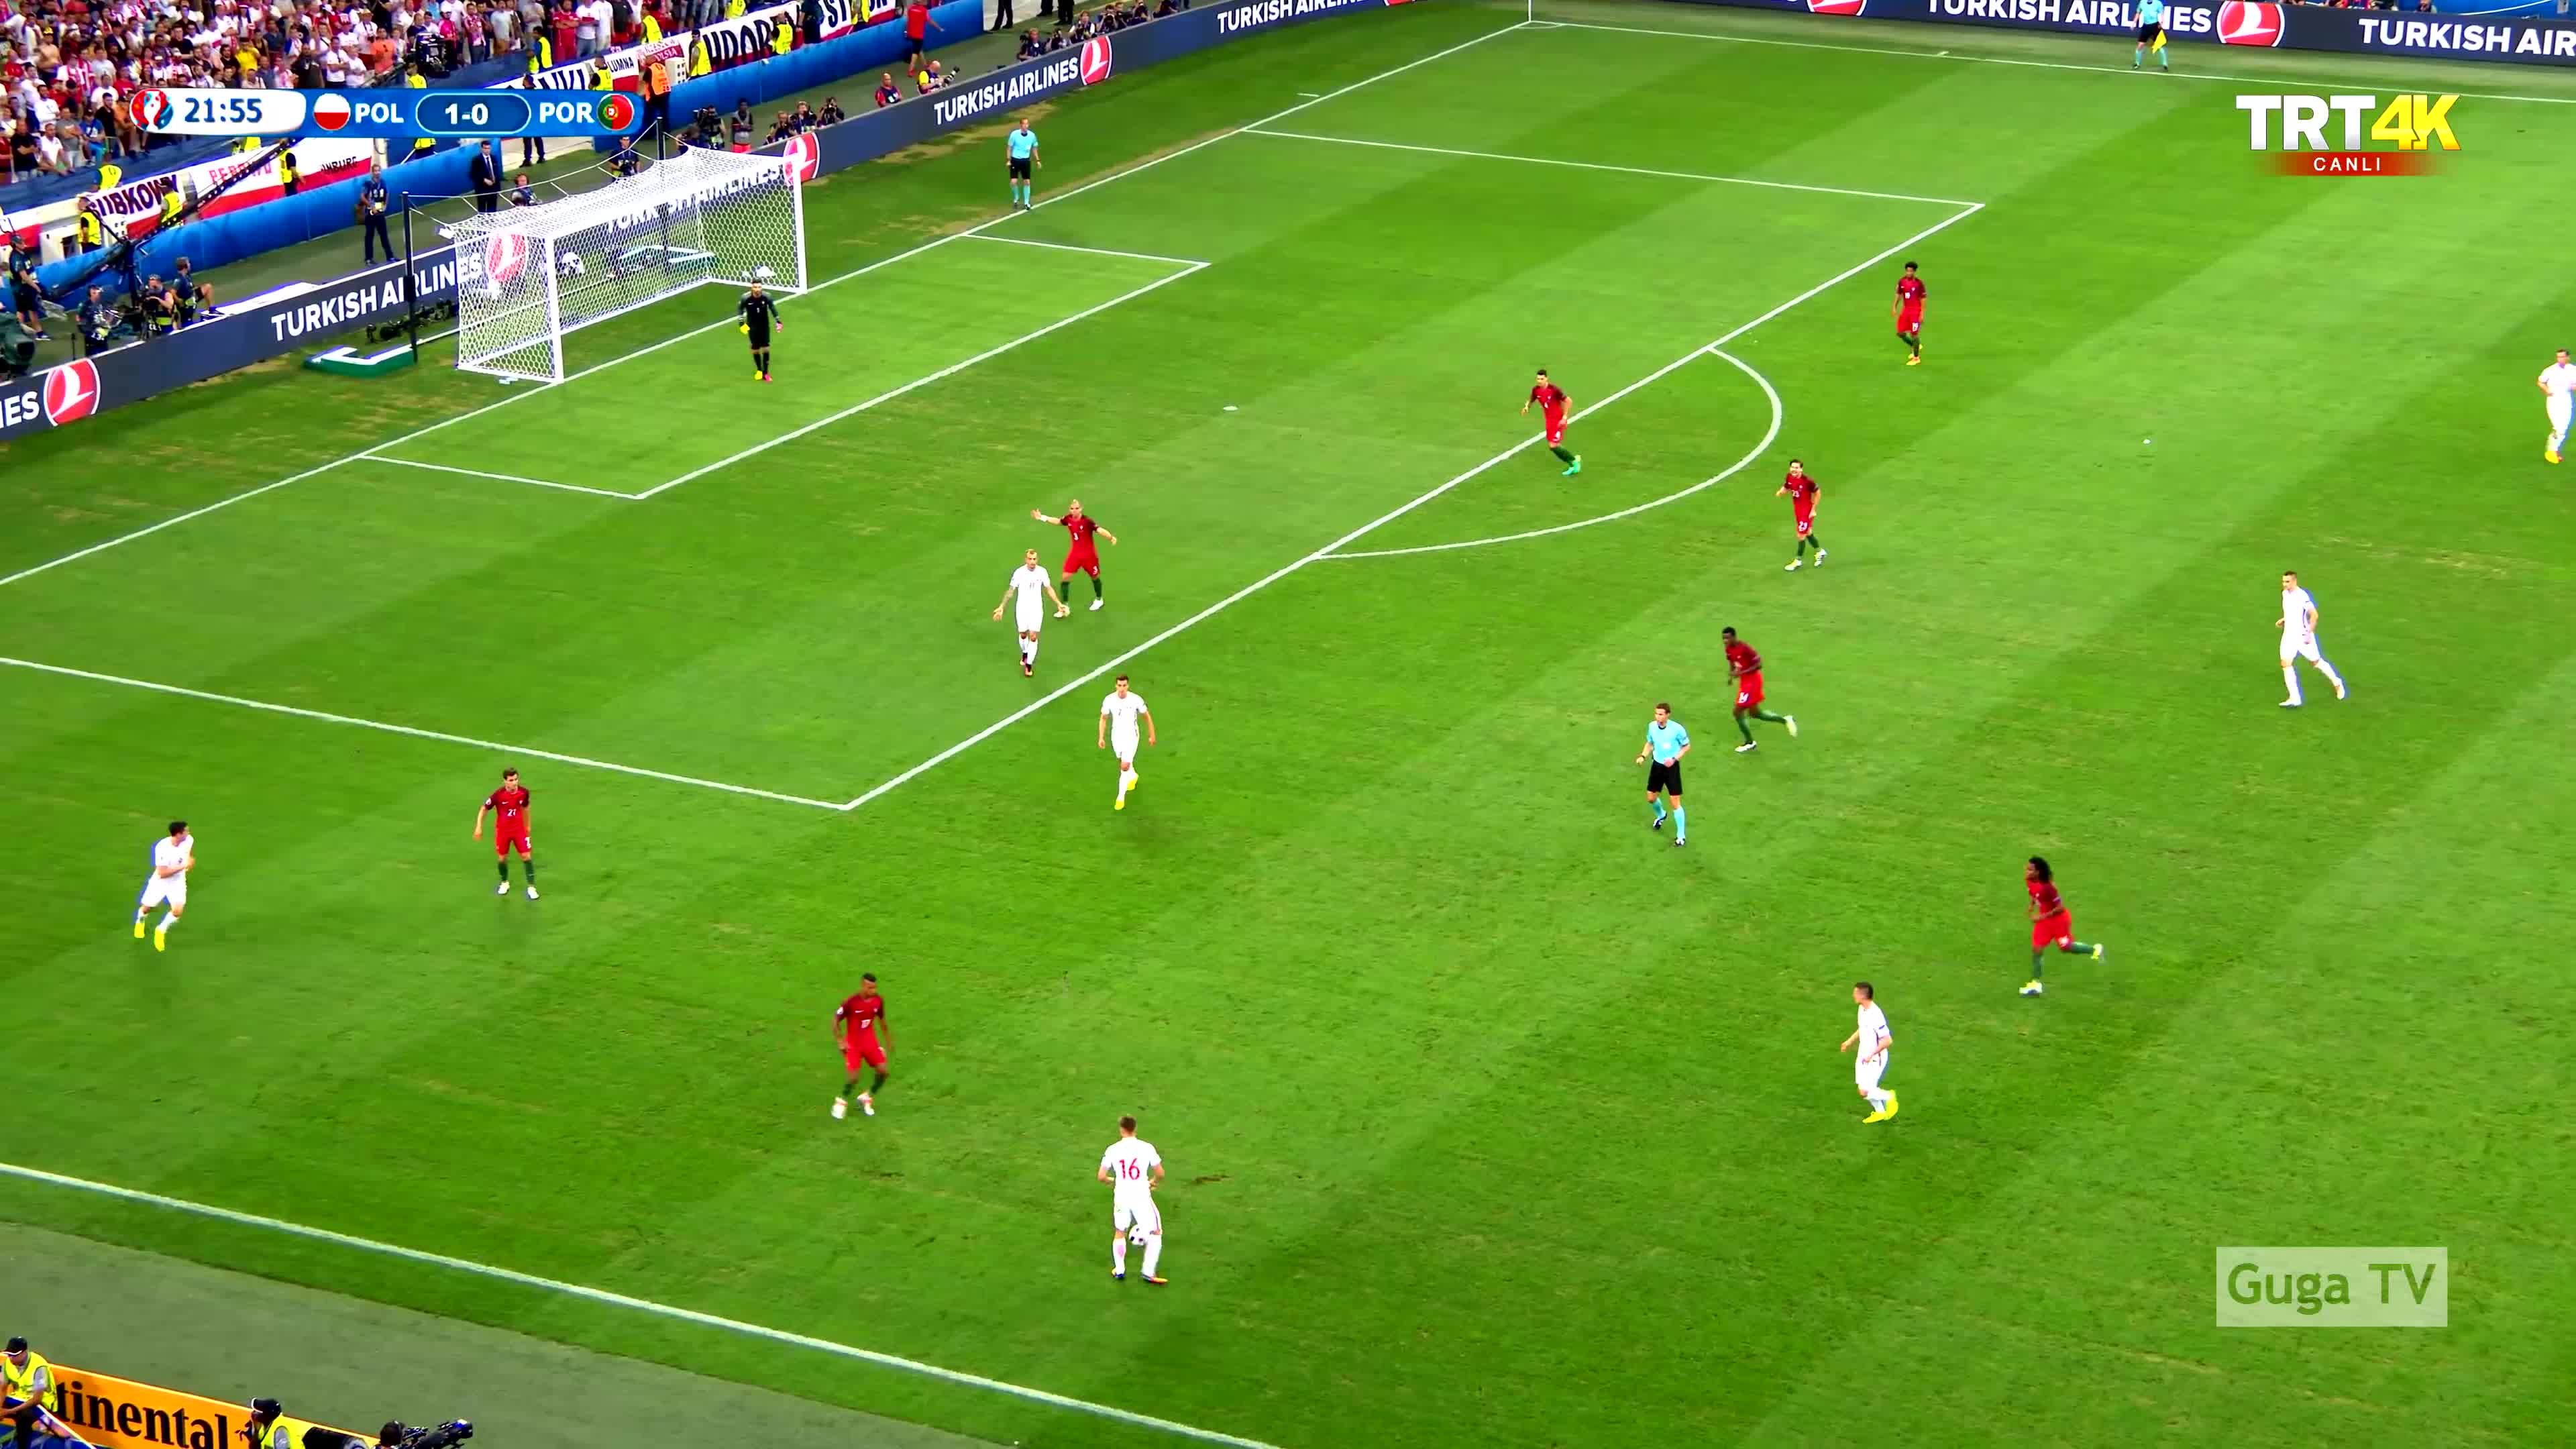 Portugal vs Poland GIFs